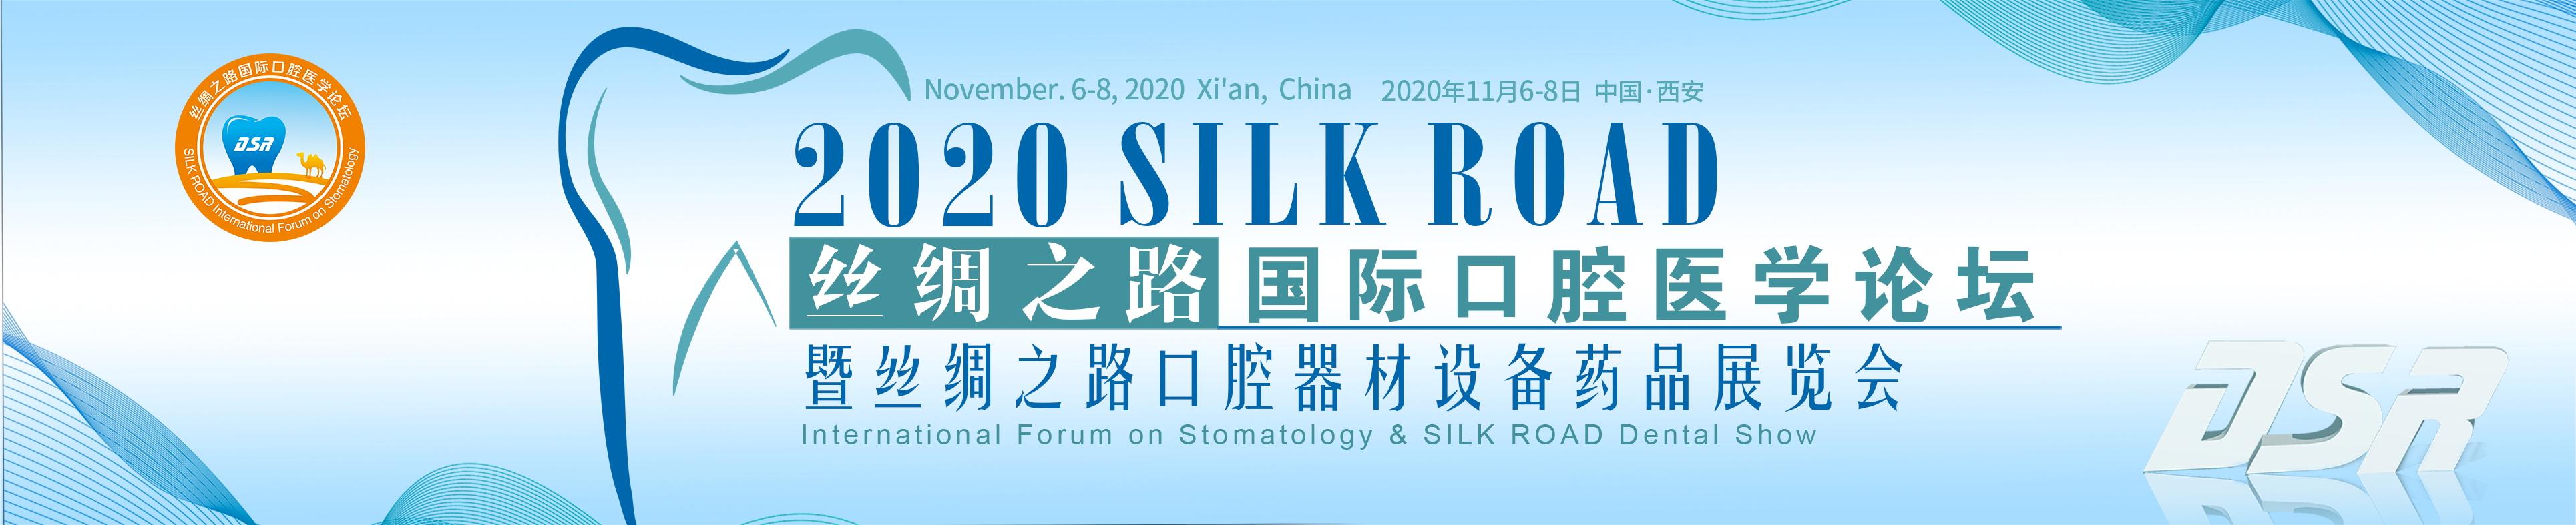 2020丝绸之路国际口腔医学论坛暨丝绸之路口腔器材设备药品展览会